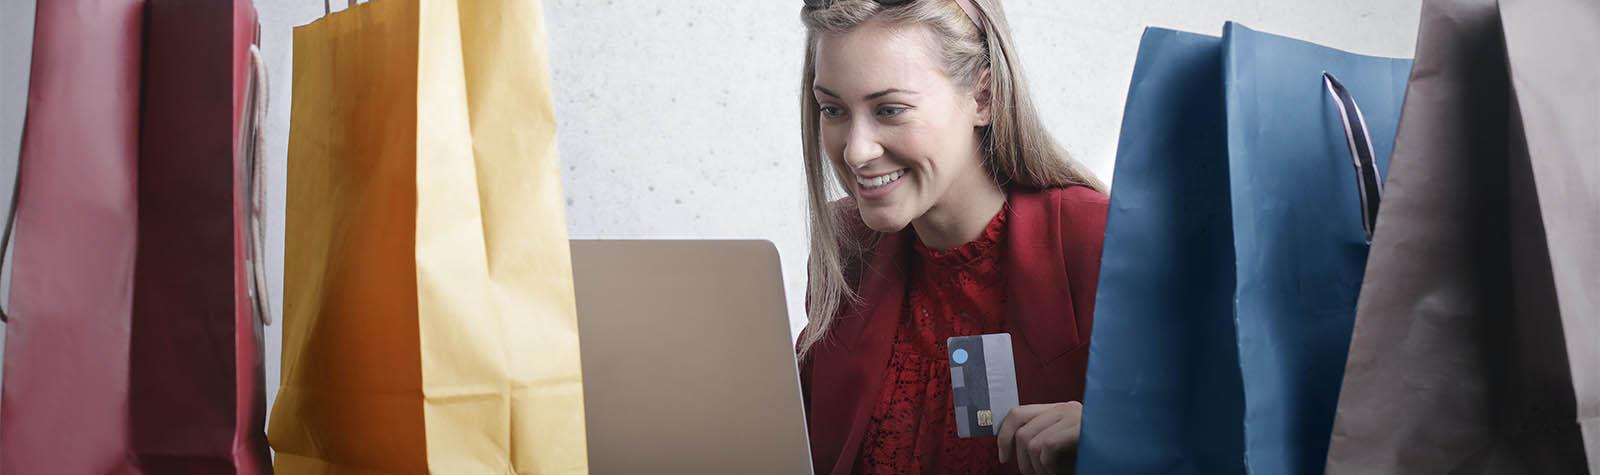 Waar moet je op letten bij online aanbiedingen?